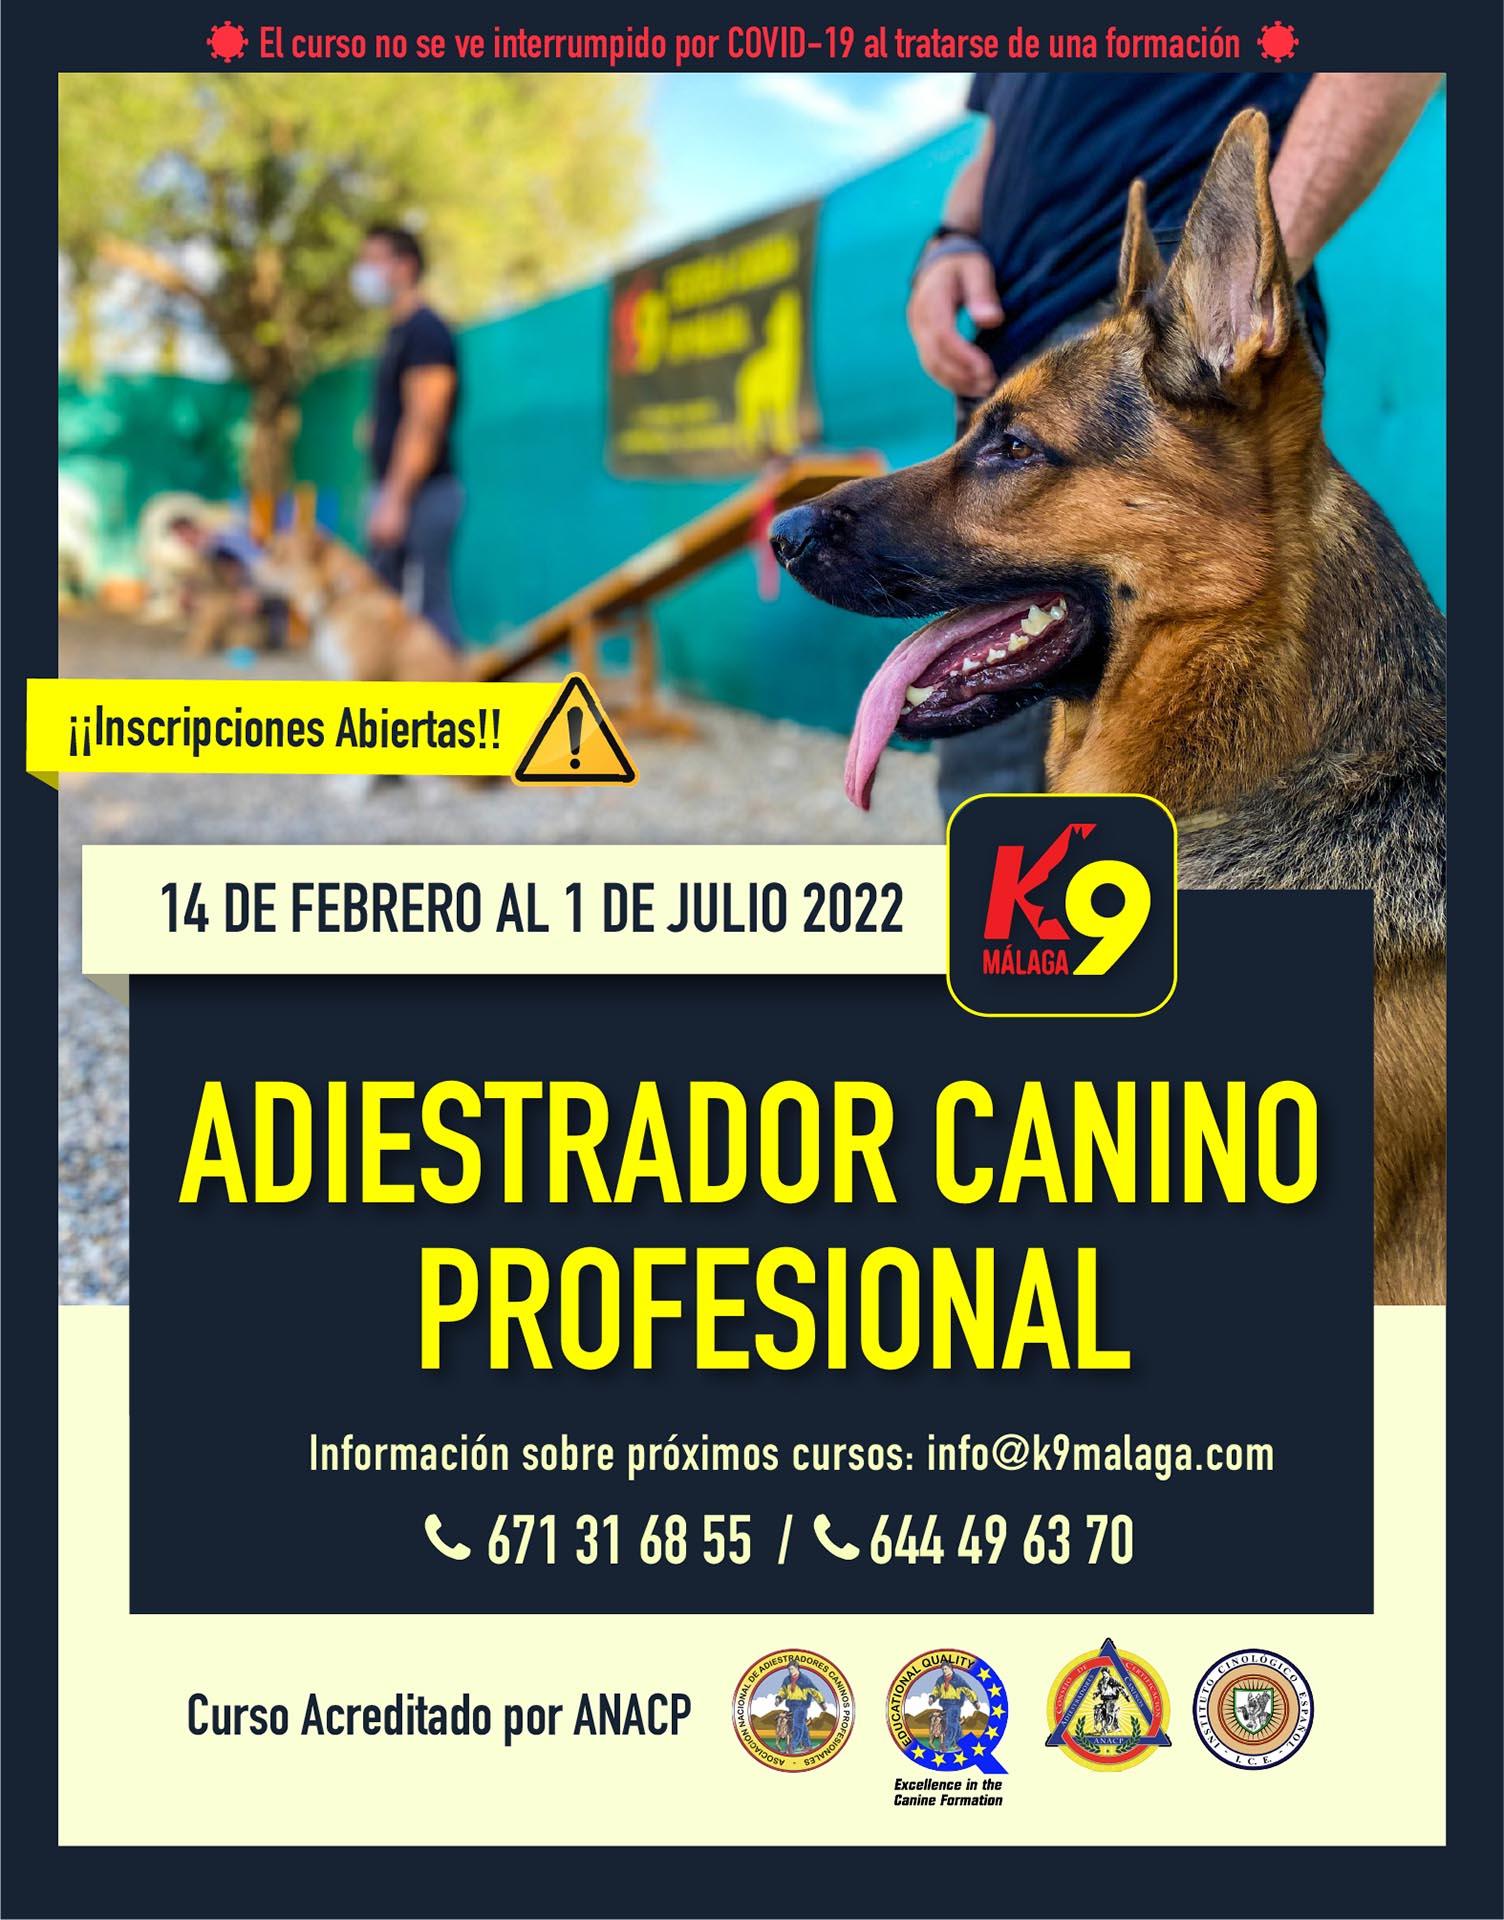 Curso Formación Adiestrador Canino Profesional y Técnico en Modificación de Conductas Febrero 2022 a Julio 2022